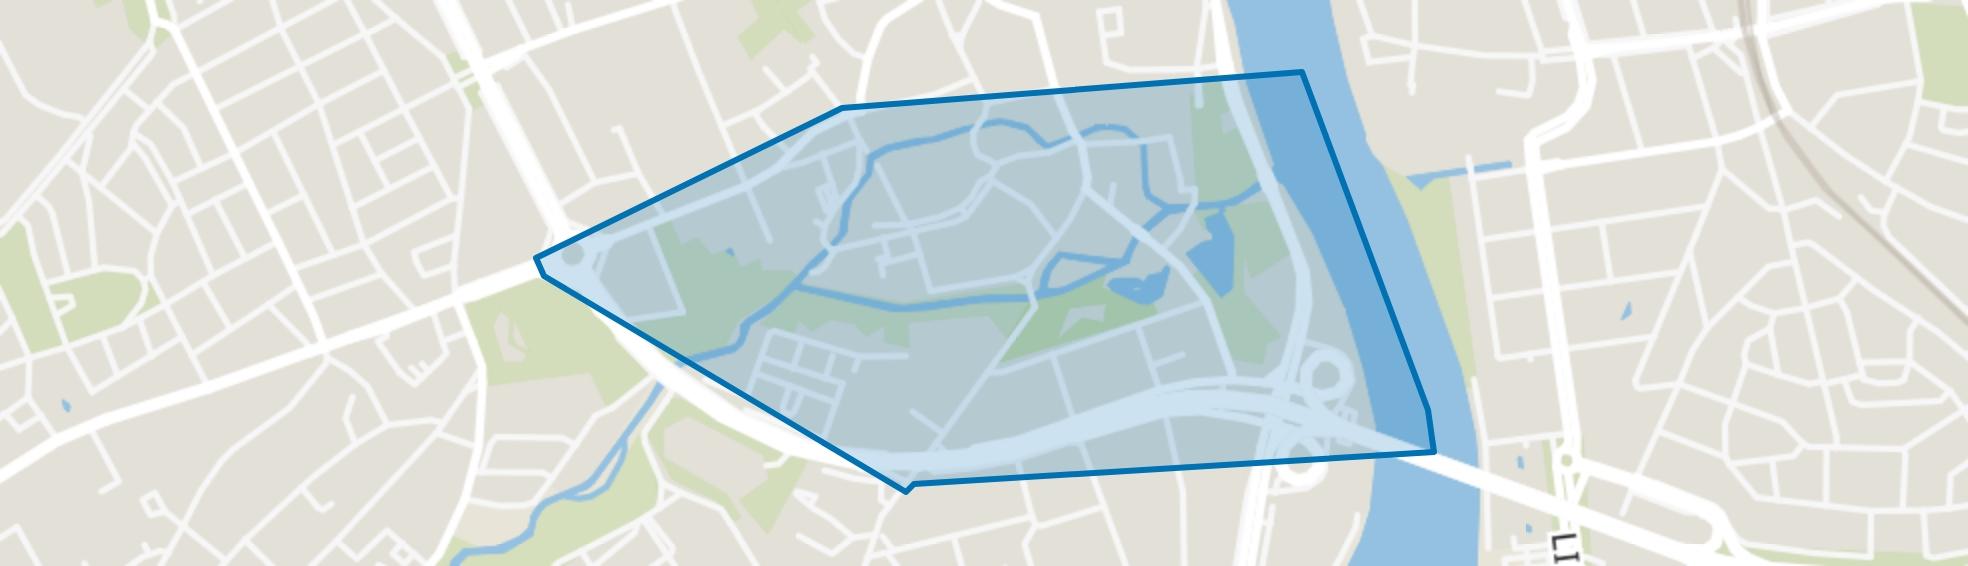 Jekerkwartier, Maastricht map